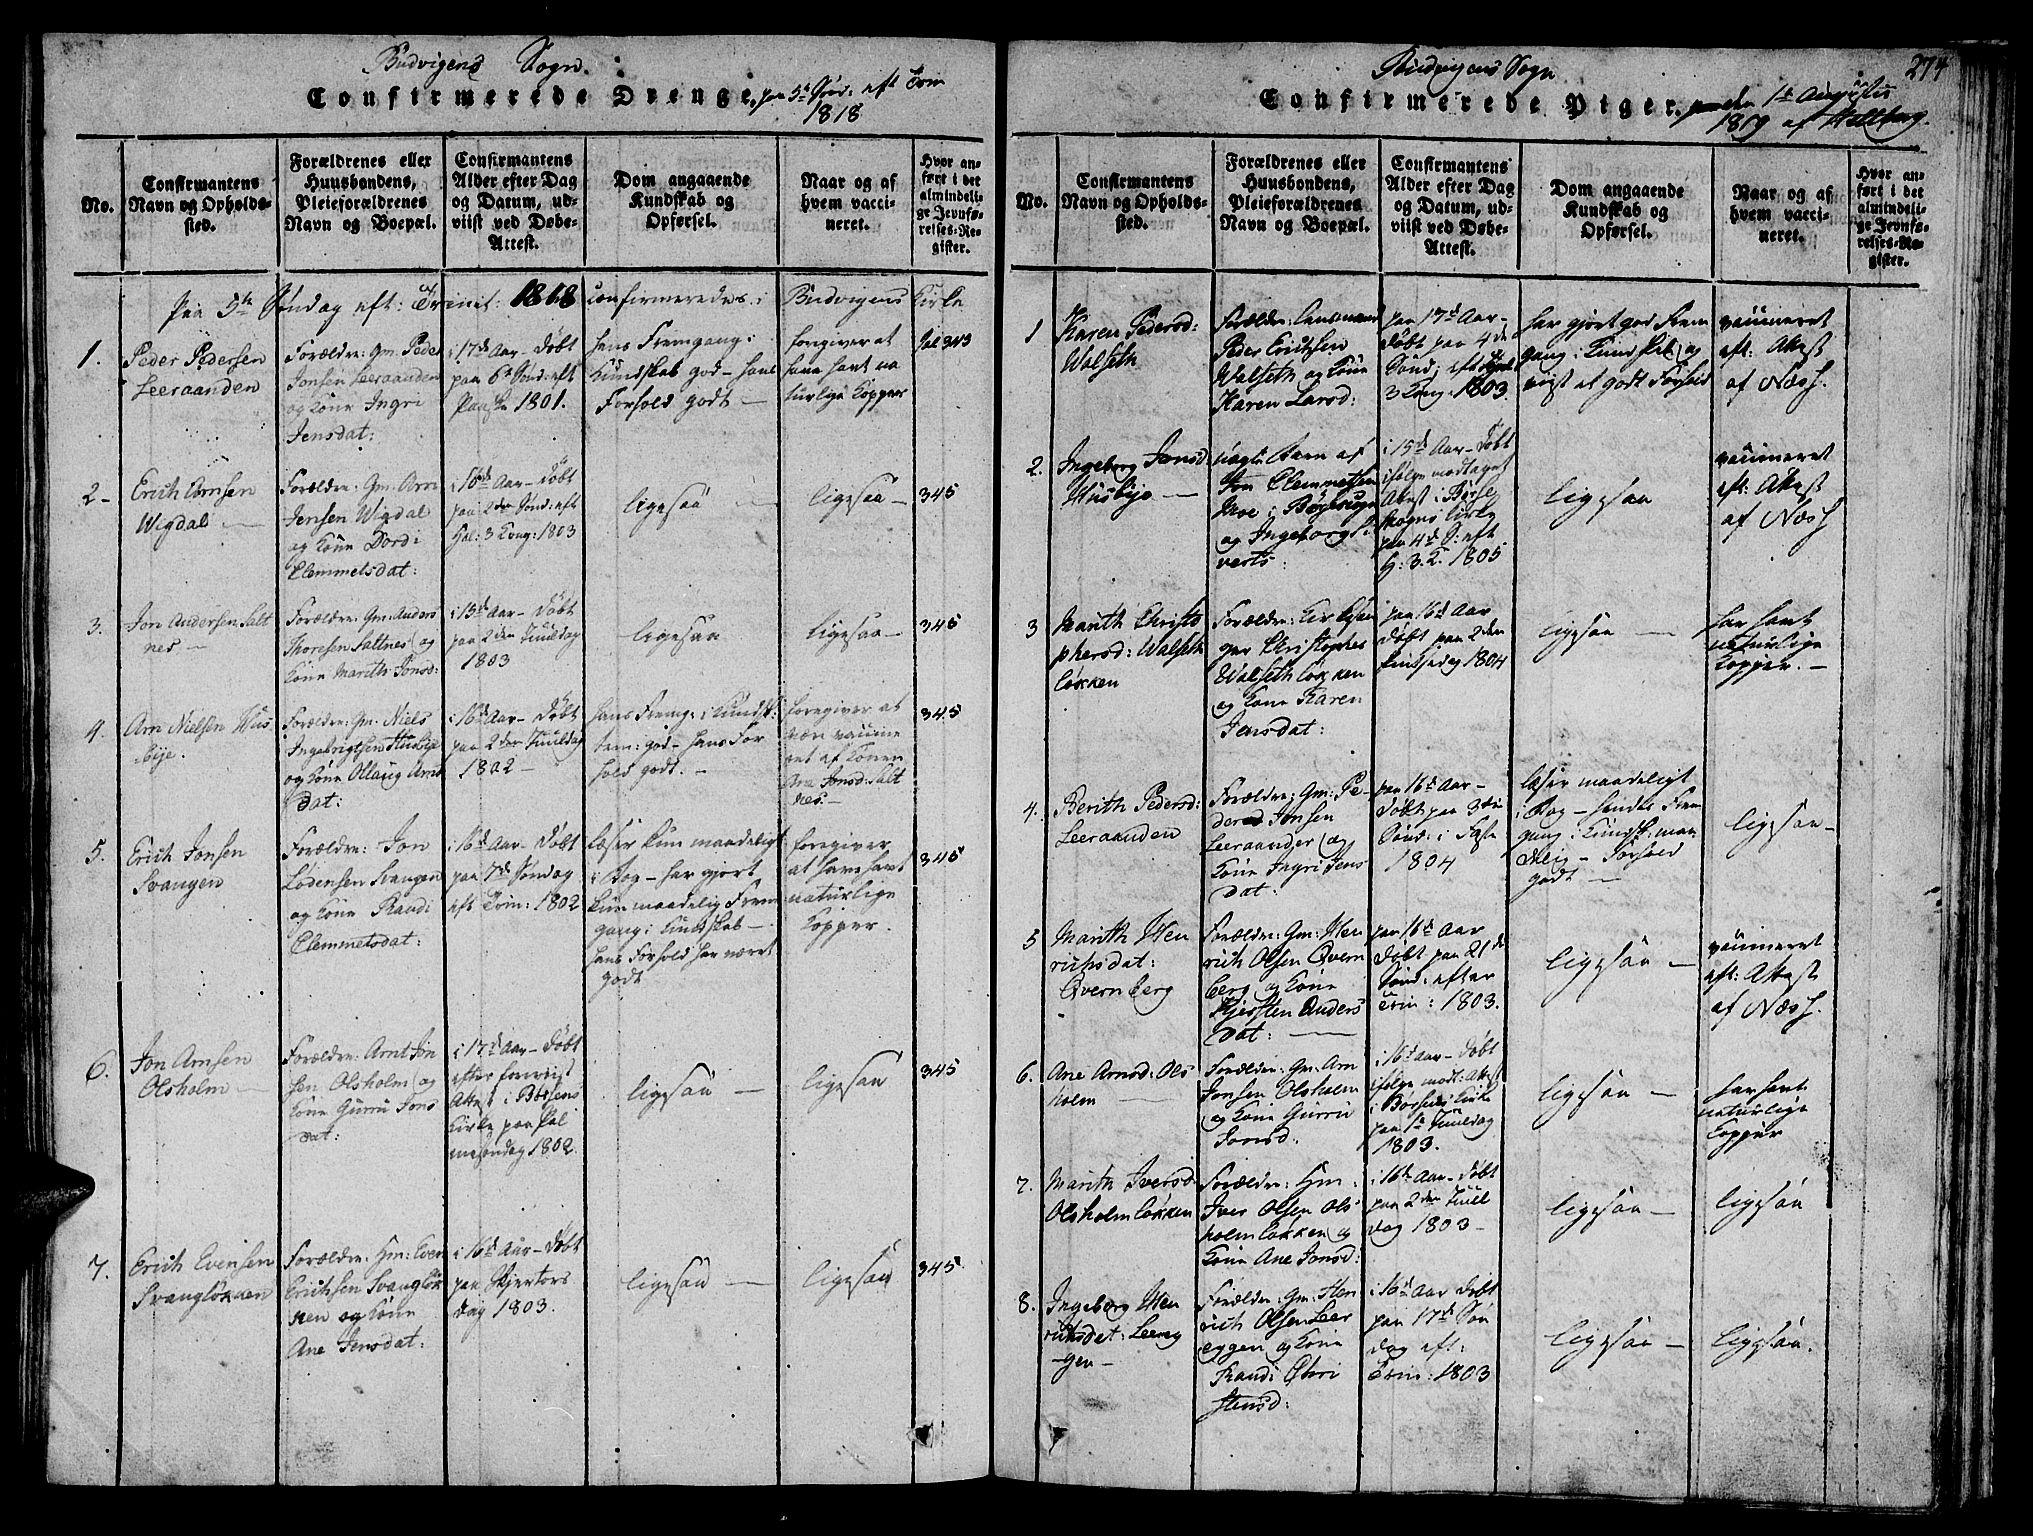 SAT, Ministerialprotokoller, klokkerbøker og fødselsregistre - Sør-Trøndelag, 612/L0373: Ministerialbok nr. 612A06 /2, 1816-1828, s. 274